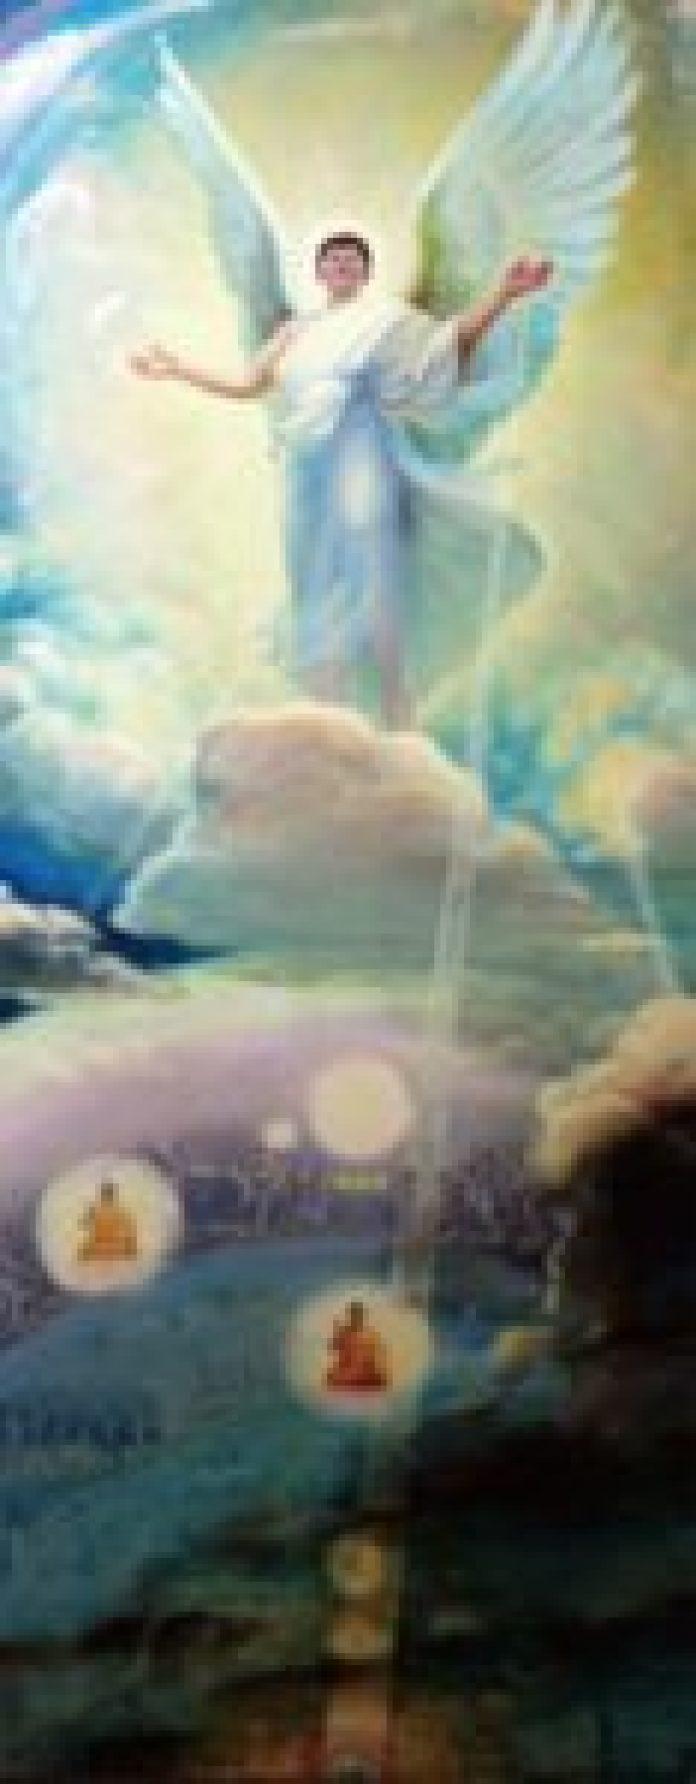 救世主将再临:弥赛亚-意即救世主(真善忍美展)